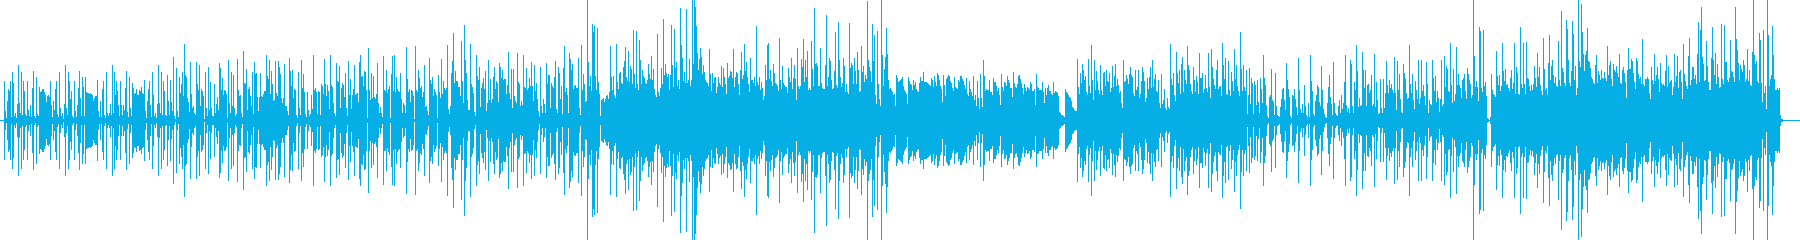 軽快な雰囲気の劇伴系ファンクポップの再生済みの波形